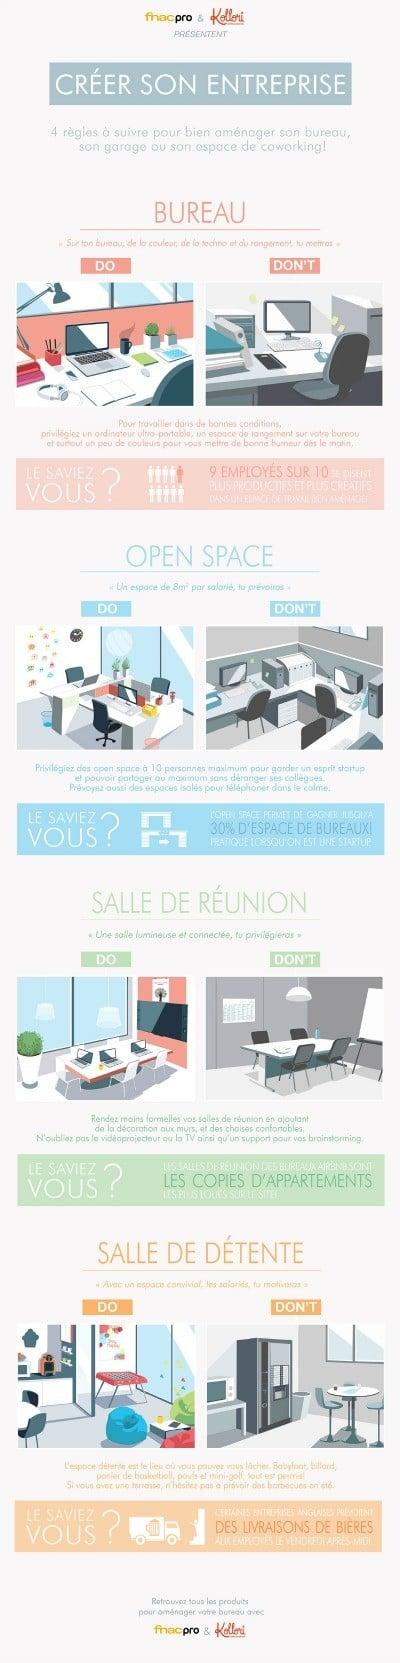 infographie_kollori_fnacpro